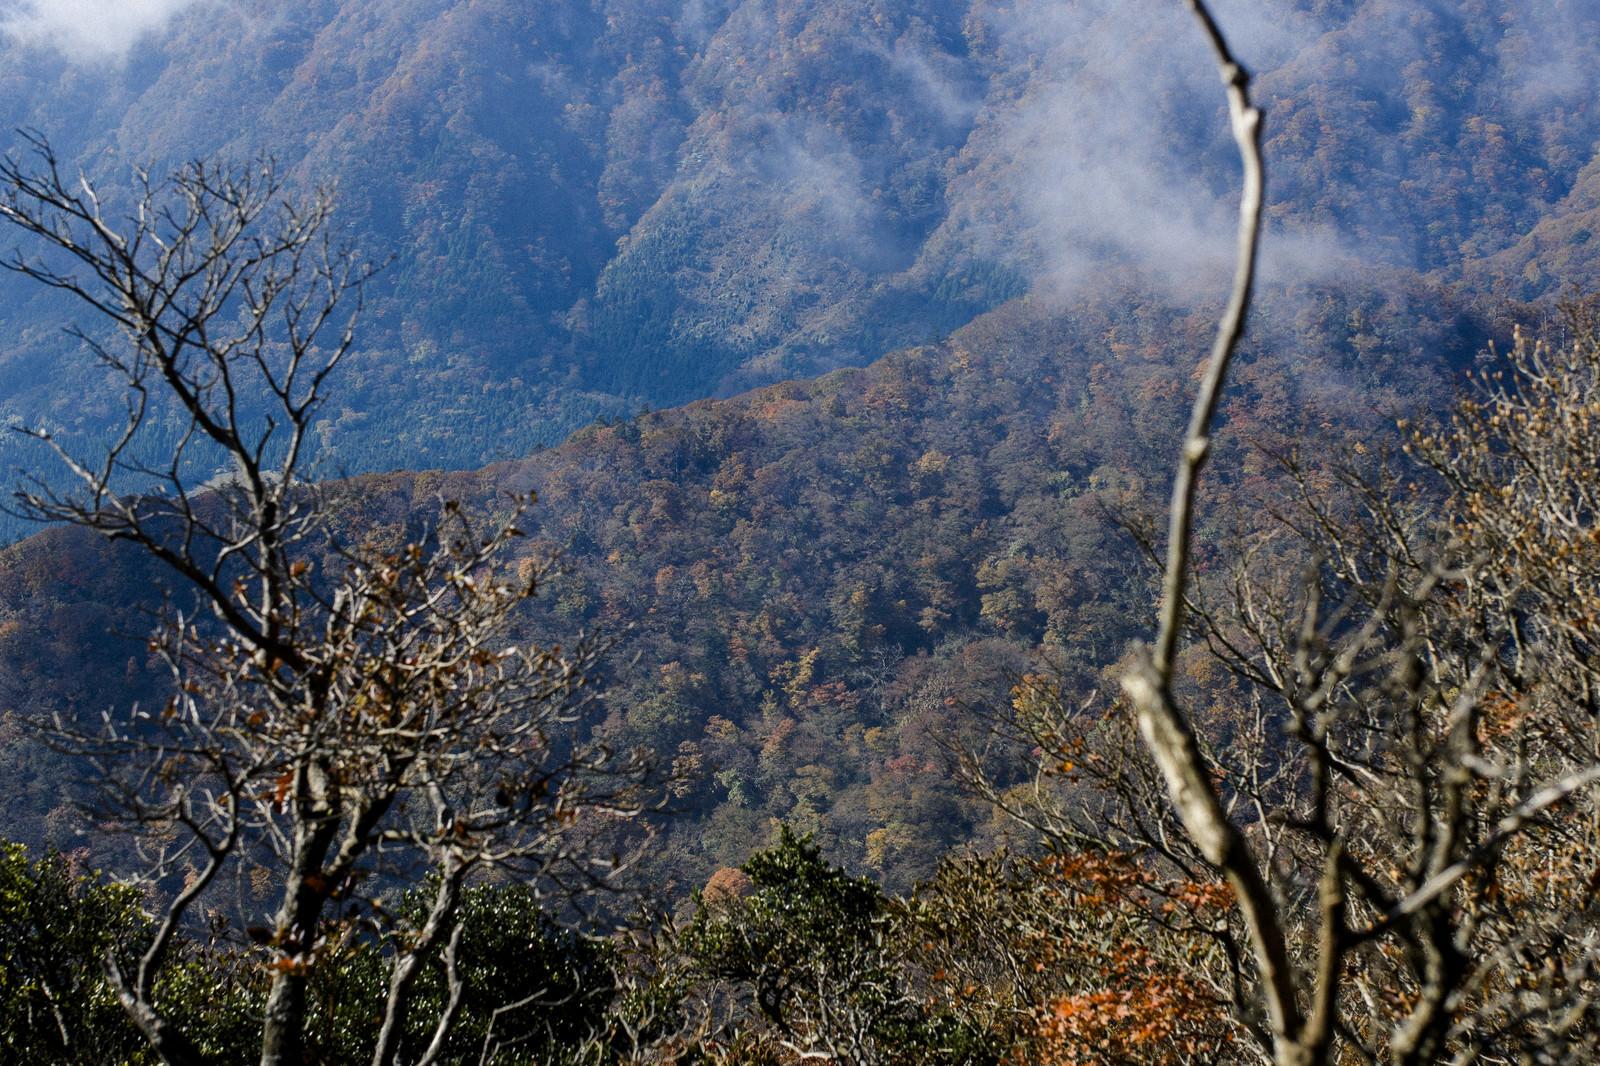 「紅葉した樹木に包まれる天城山の麓」の写真